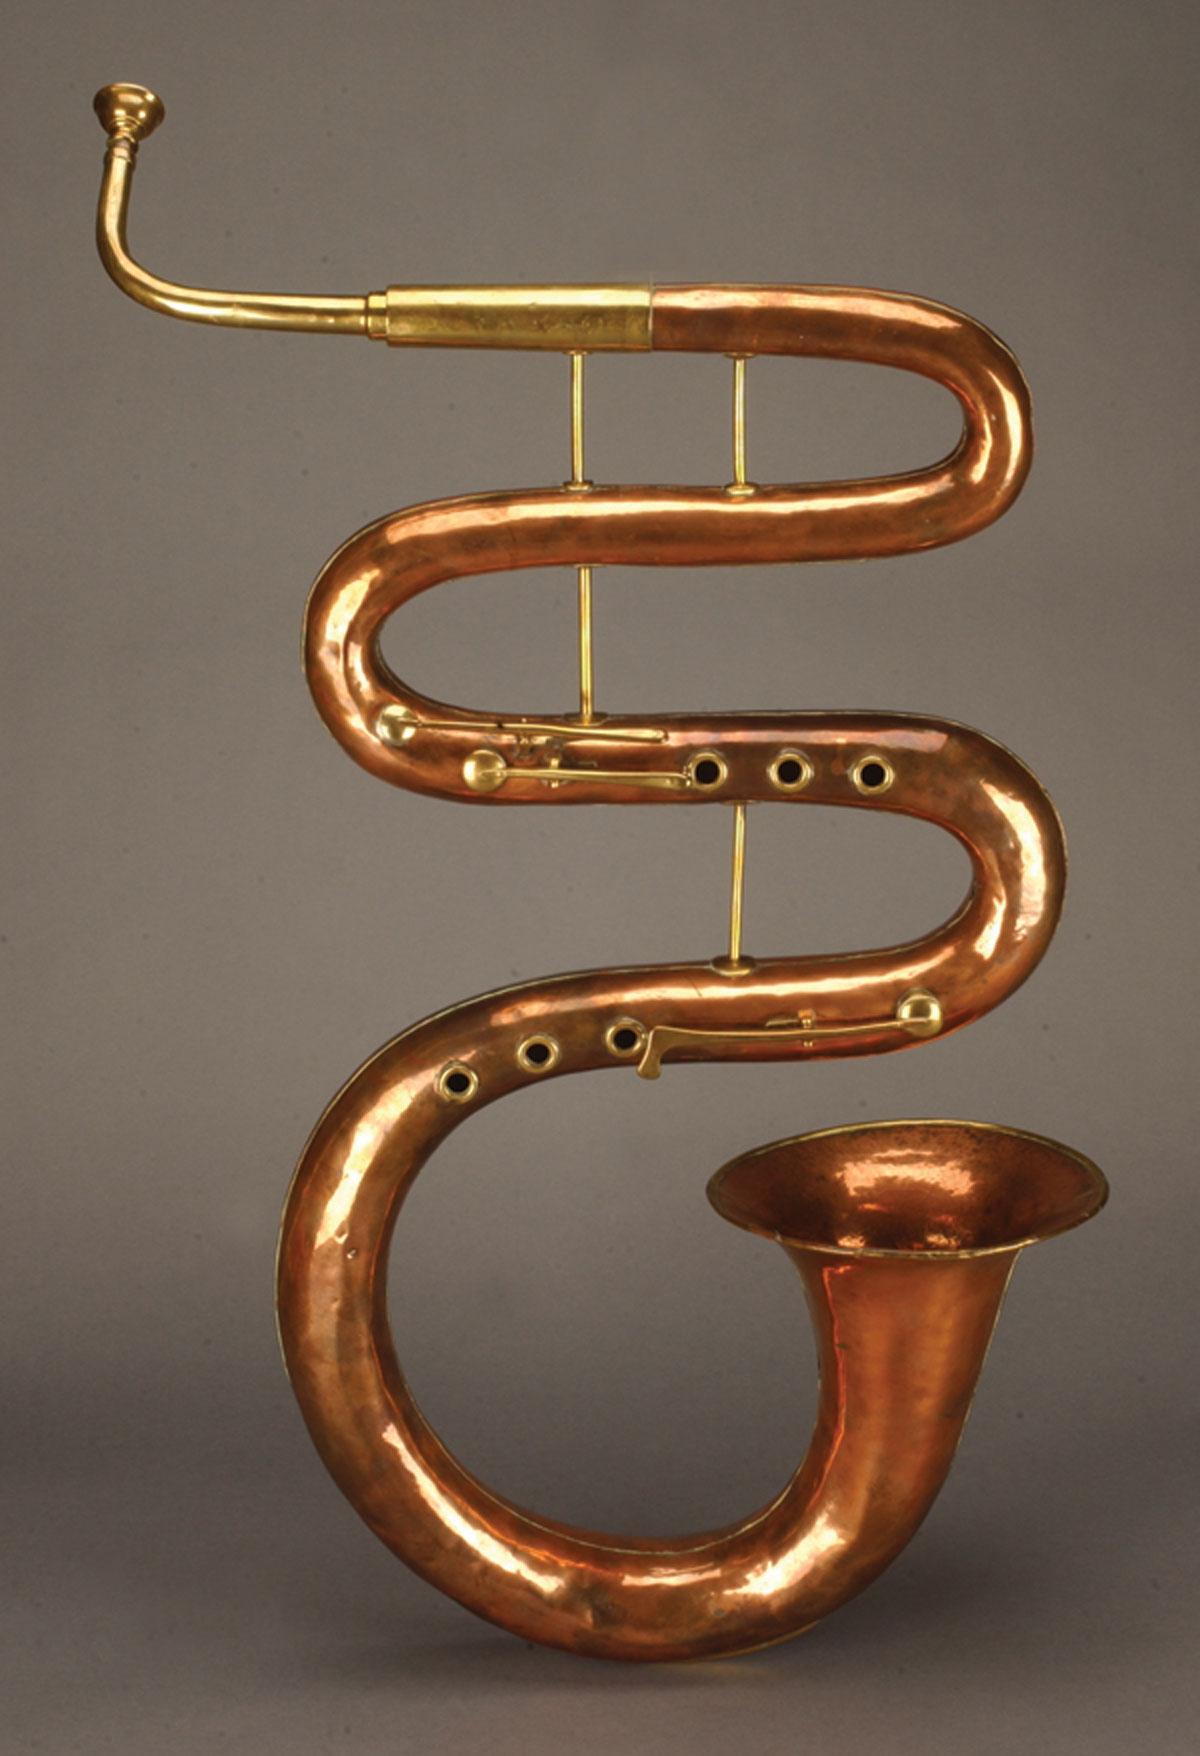 Serpent Horn by English brazier William Lander 1825